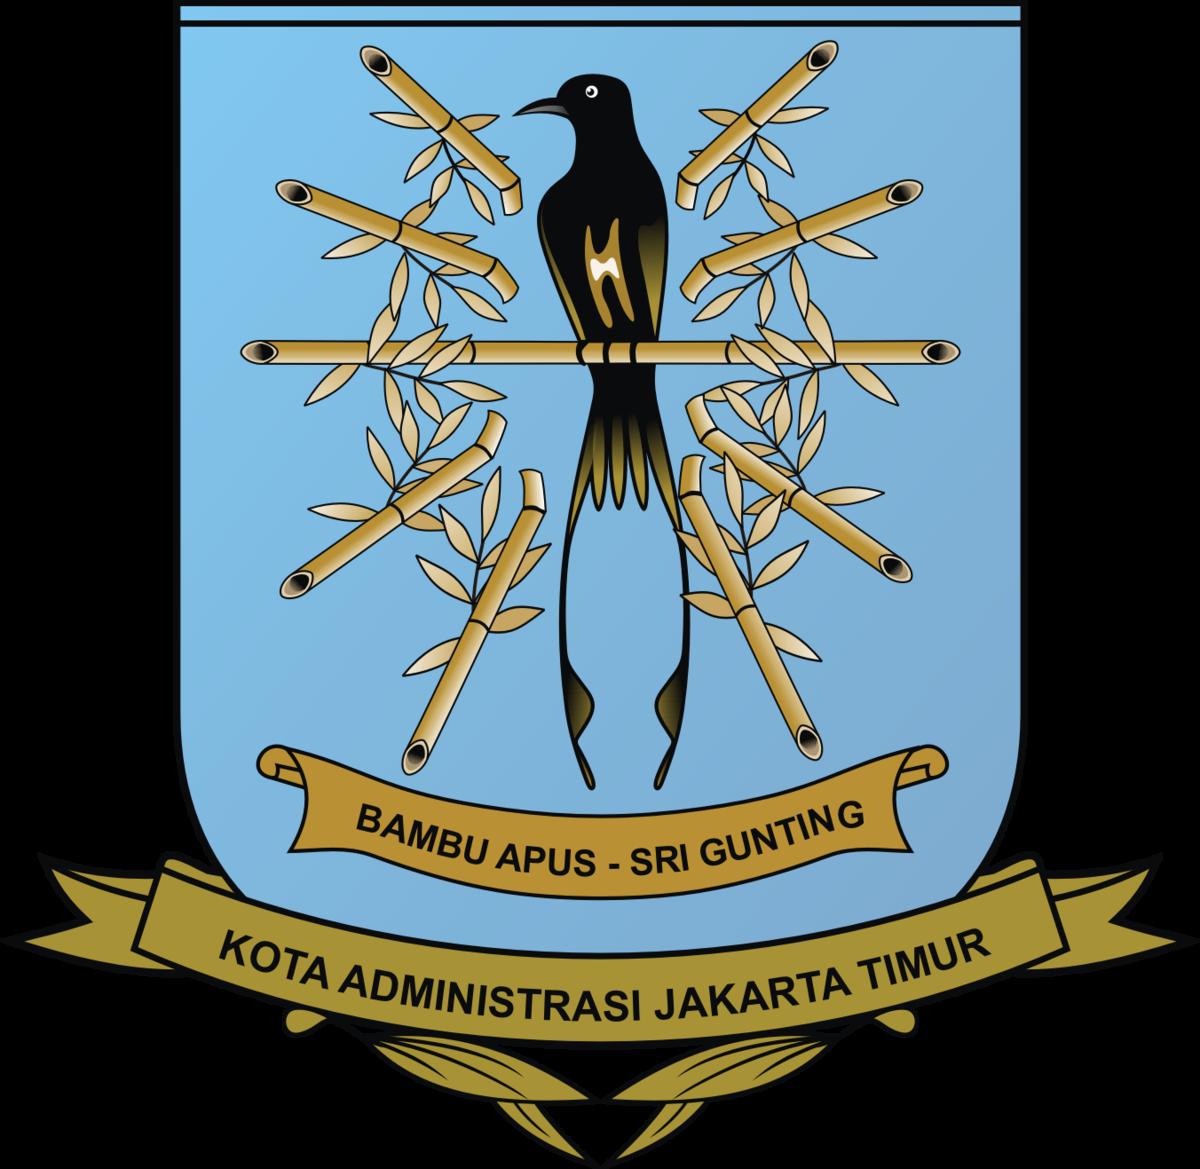 Kota Administrasi Jakarta Timur Wikipedia Bahasa Indonesia Ensiklopedia Bebas Taman